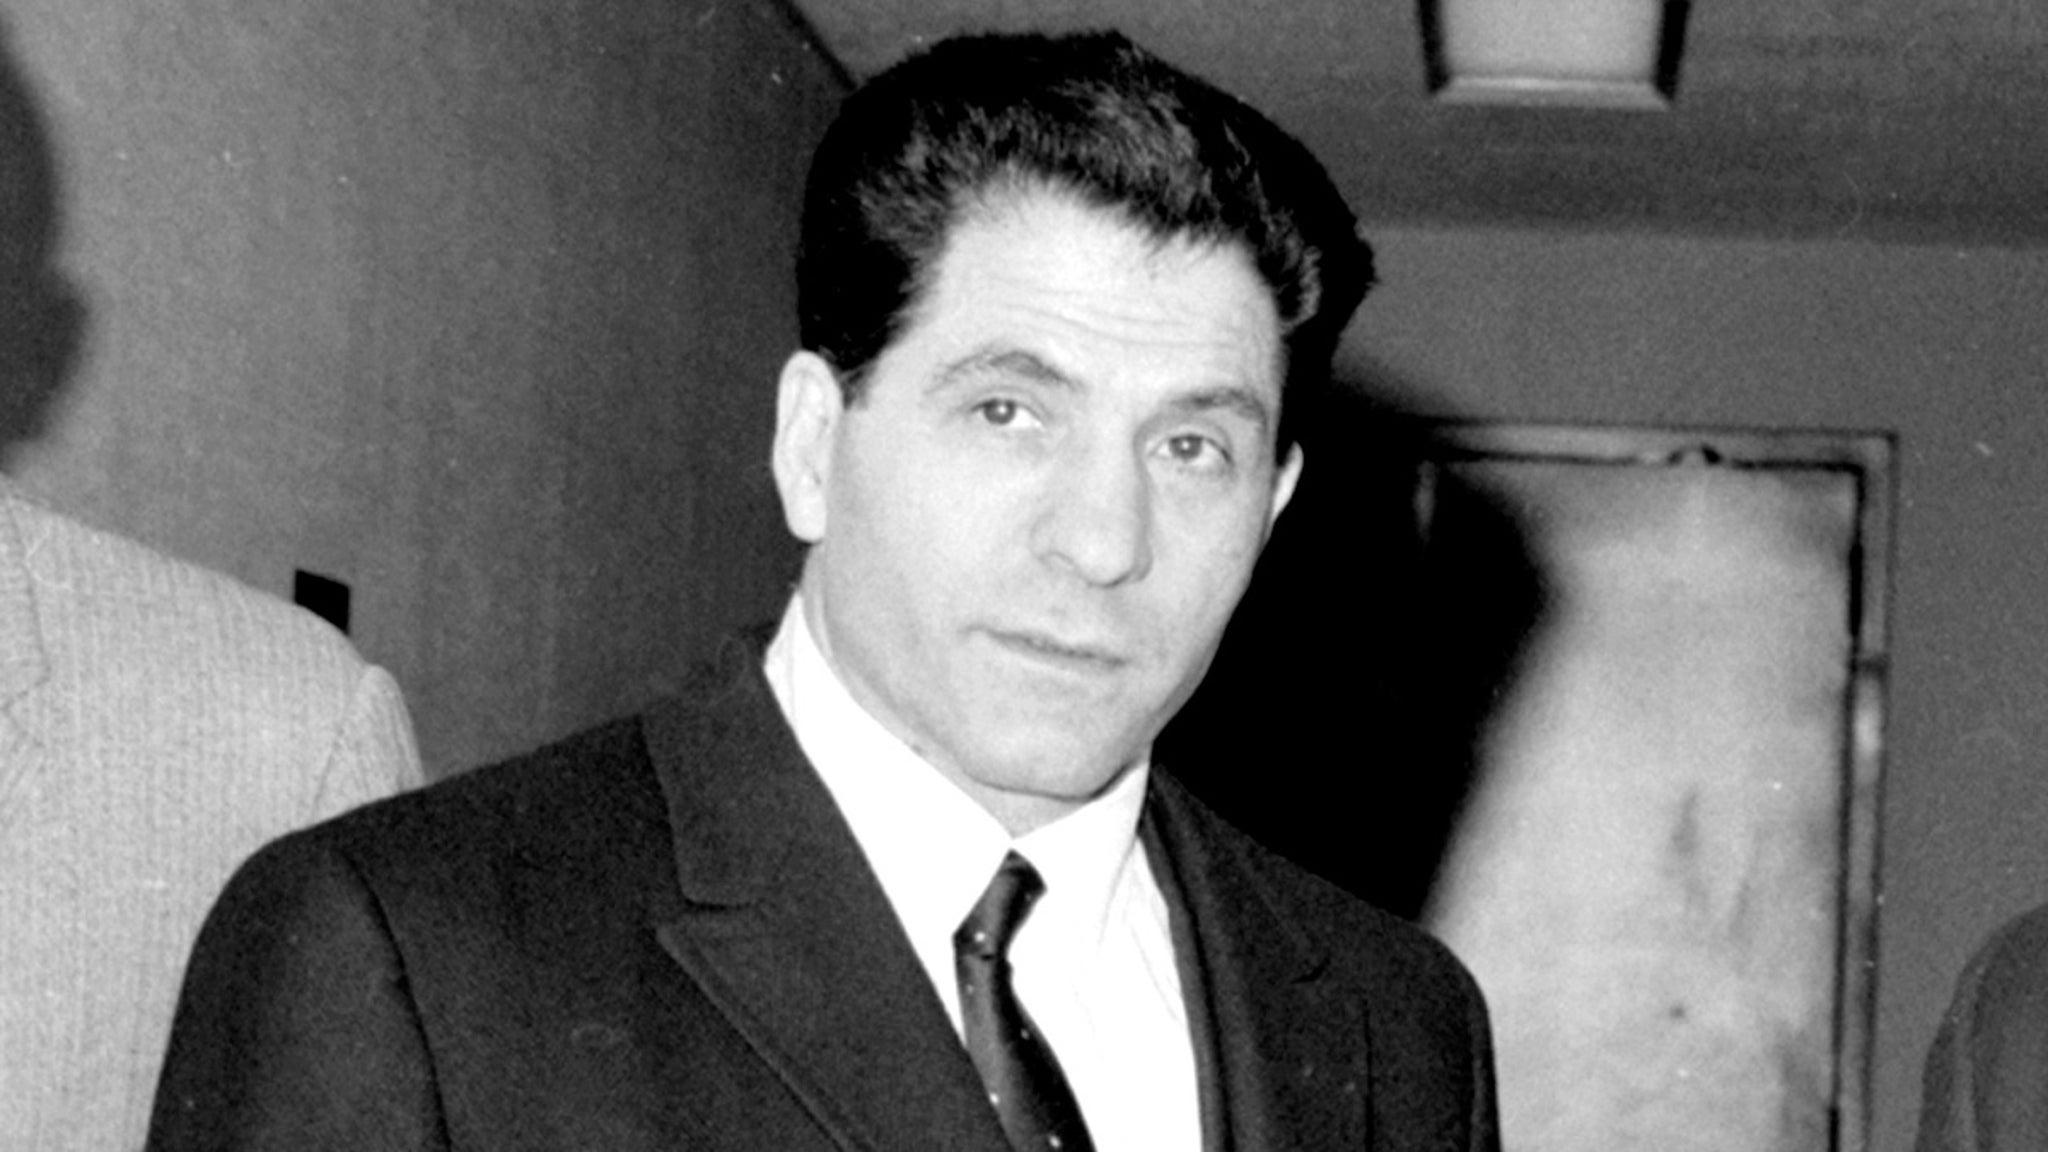 Colombo Underboss John 'Sonny' Franzese Dead at 103